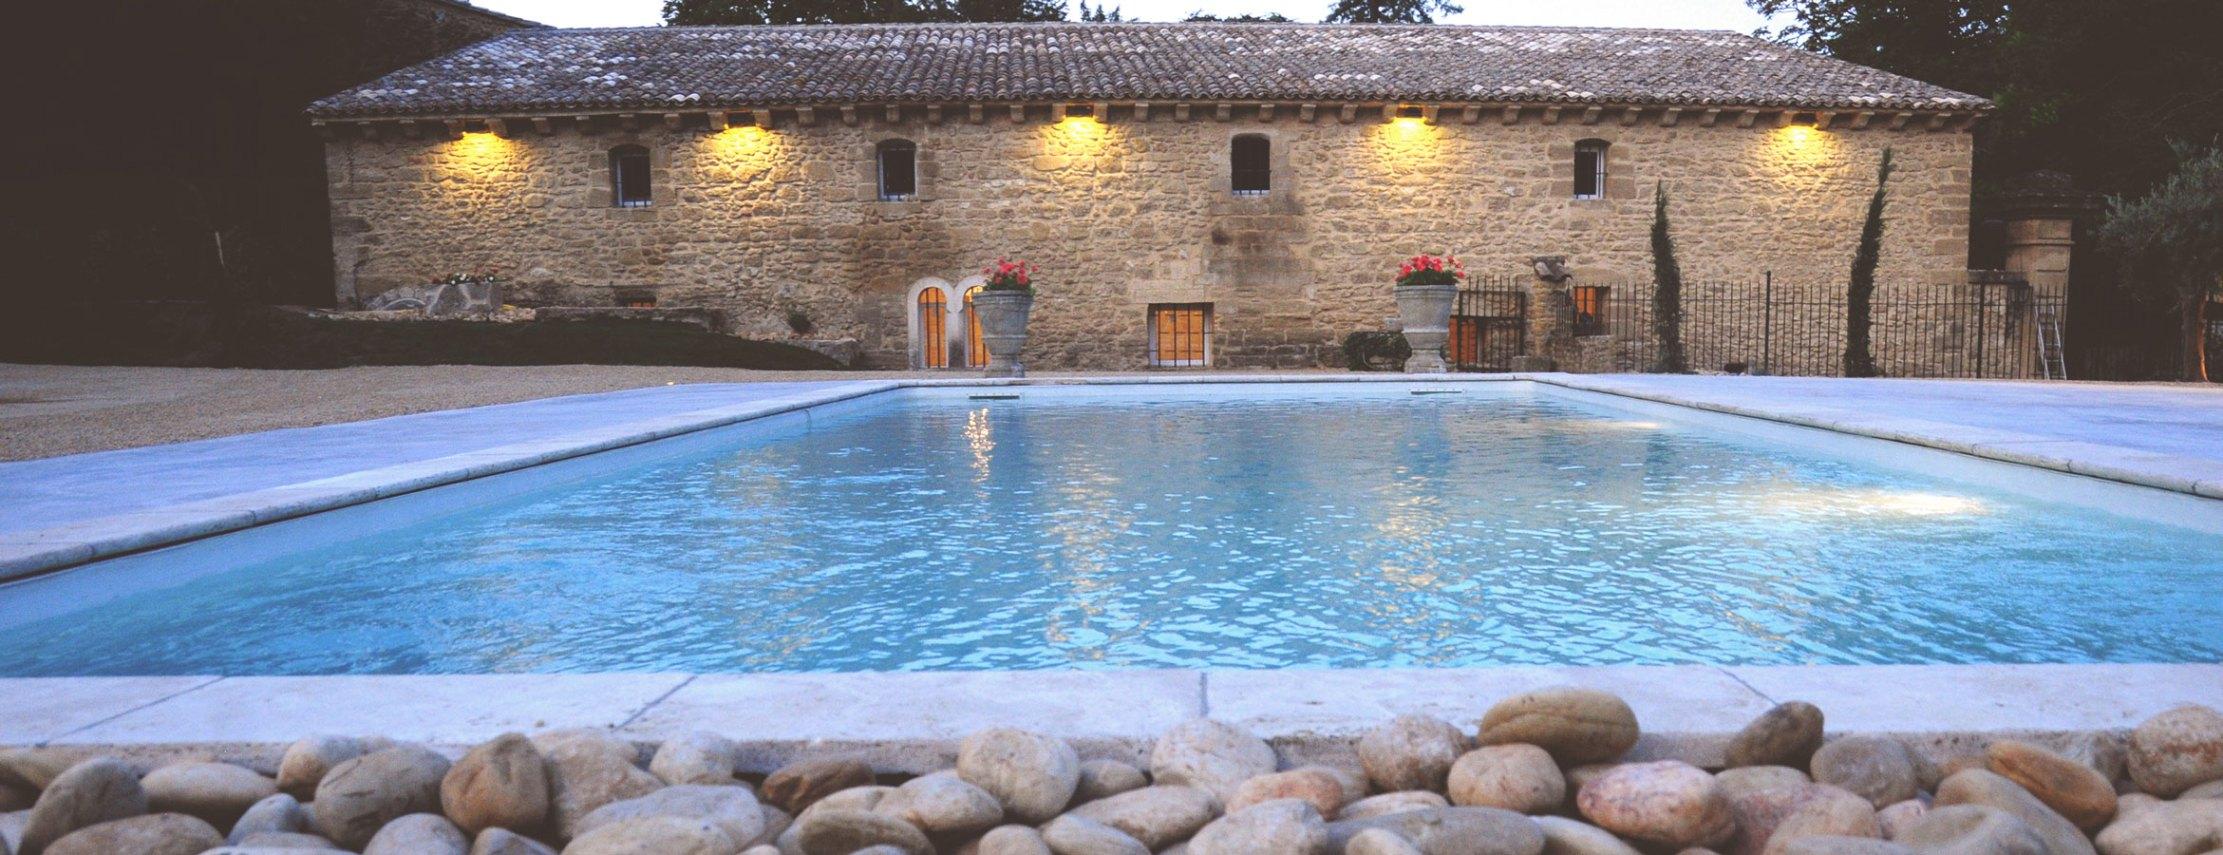 Piscine Abbaye du Grand Gigognan